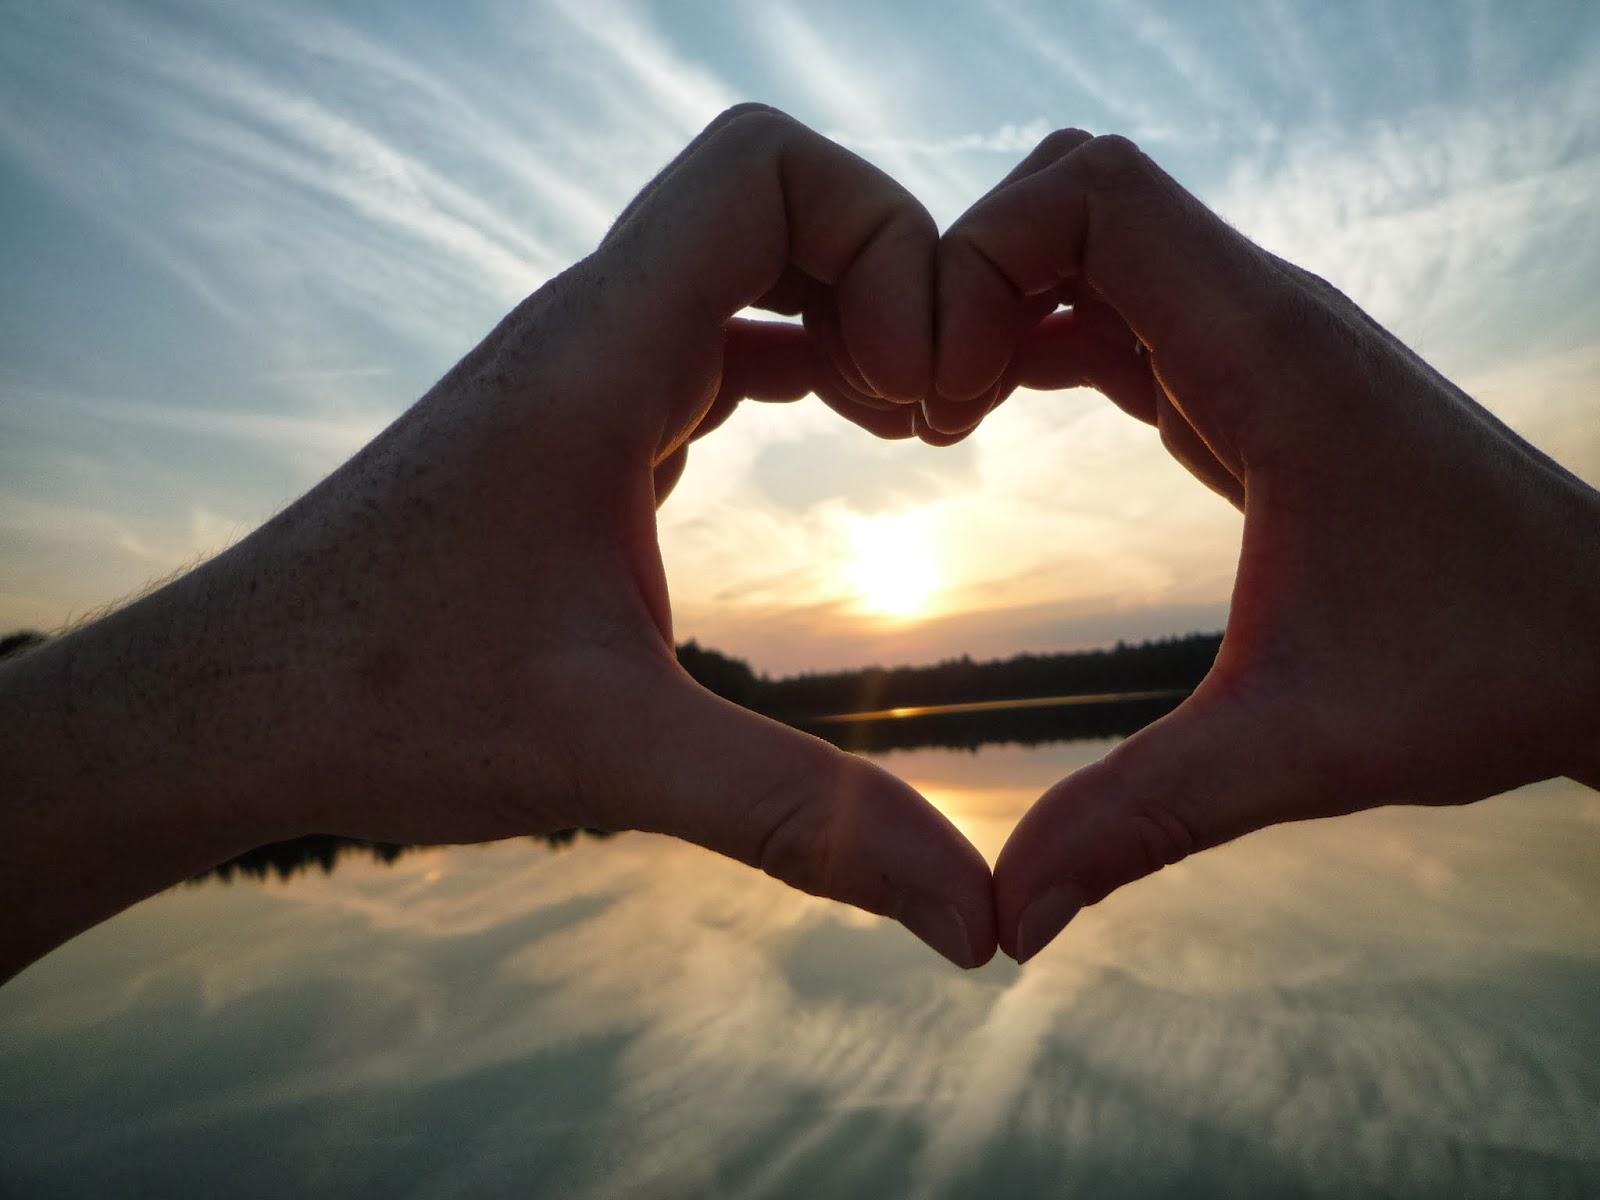 Exposição ao sol por 20 minutos pode ajudar o coração...